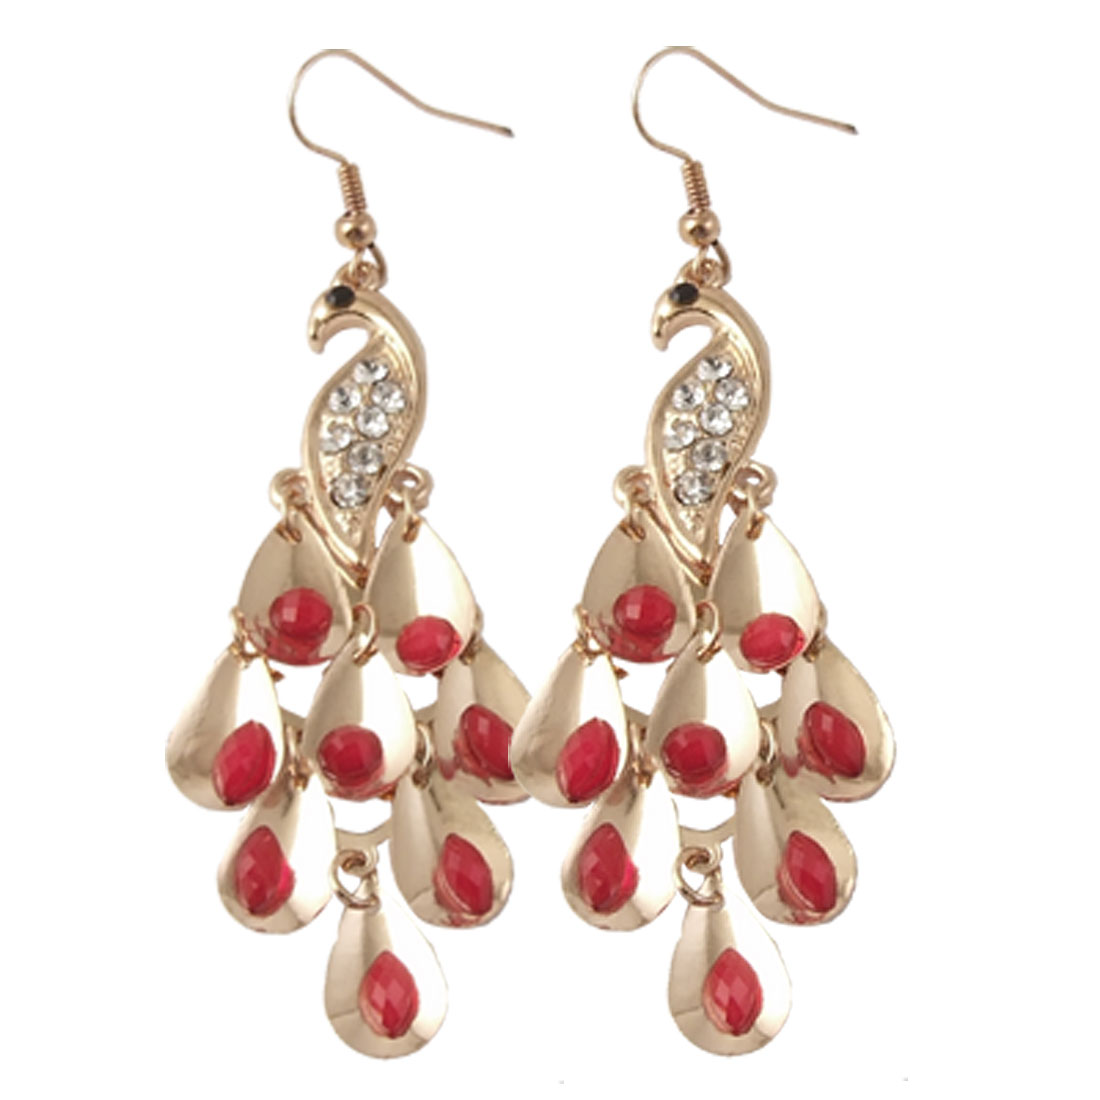 Ladies Plastic Red Beads Inlaid Rhinestone Peacock Earrings